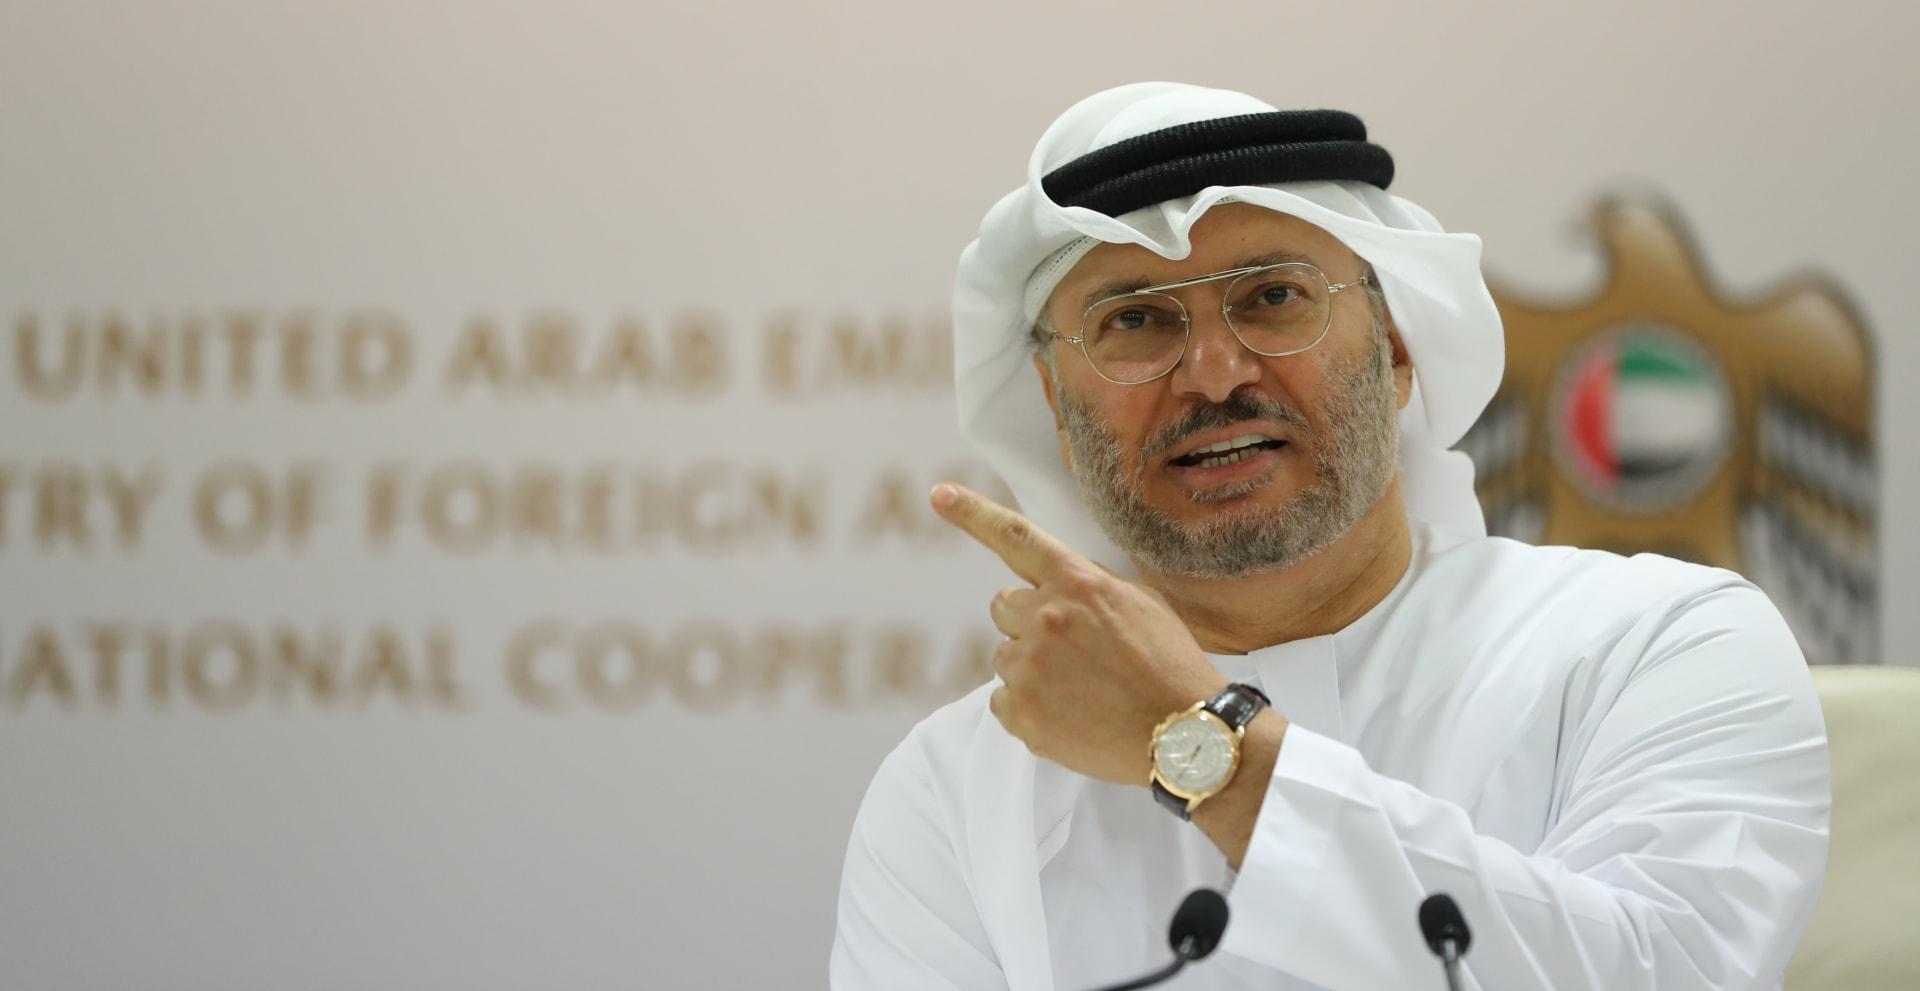 """أنور قرقاش ينتقد """"استقصاد قطر"""" للسعودية: """"هجوم حول كل شاردة وواردة"""""""